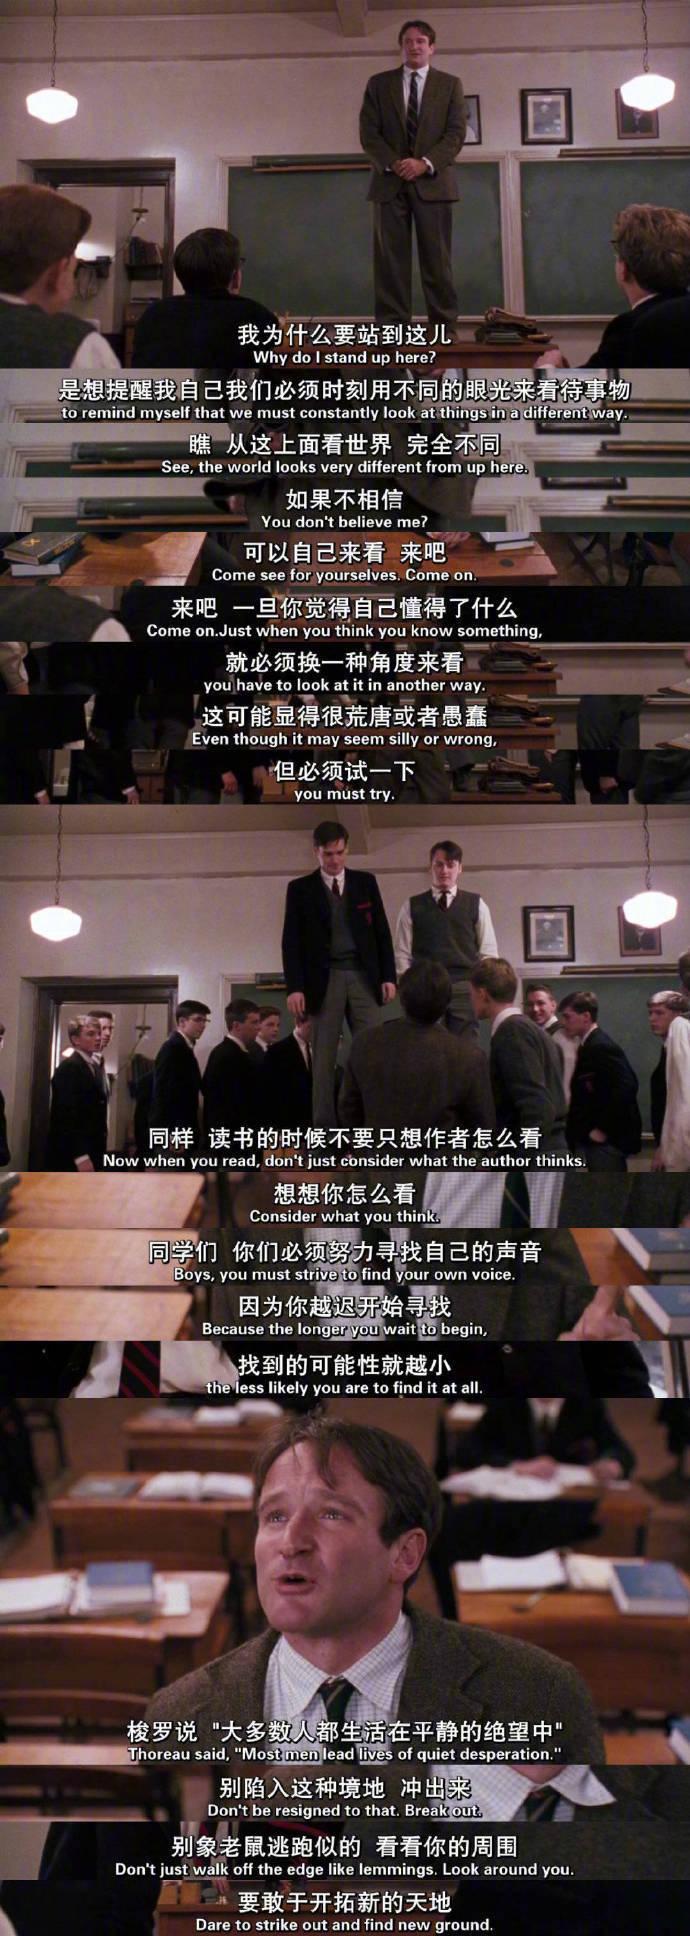 音乐资讯_豆瓣高分电影《死亡诗社》,你们看过几遍? zt - 影视区 - 虎扑社区